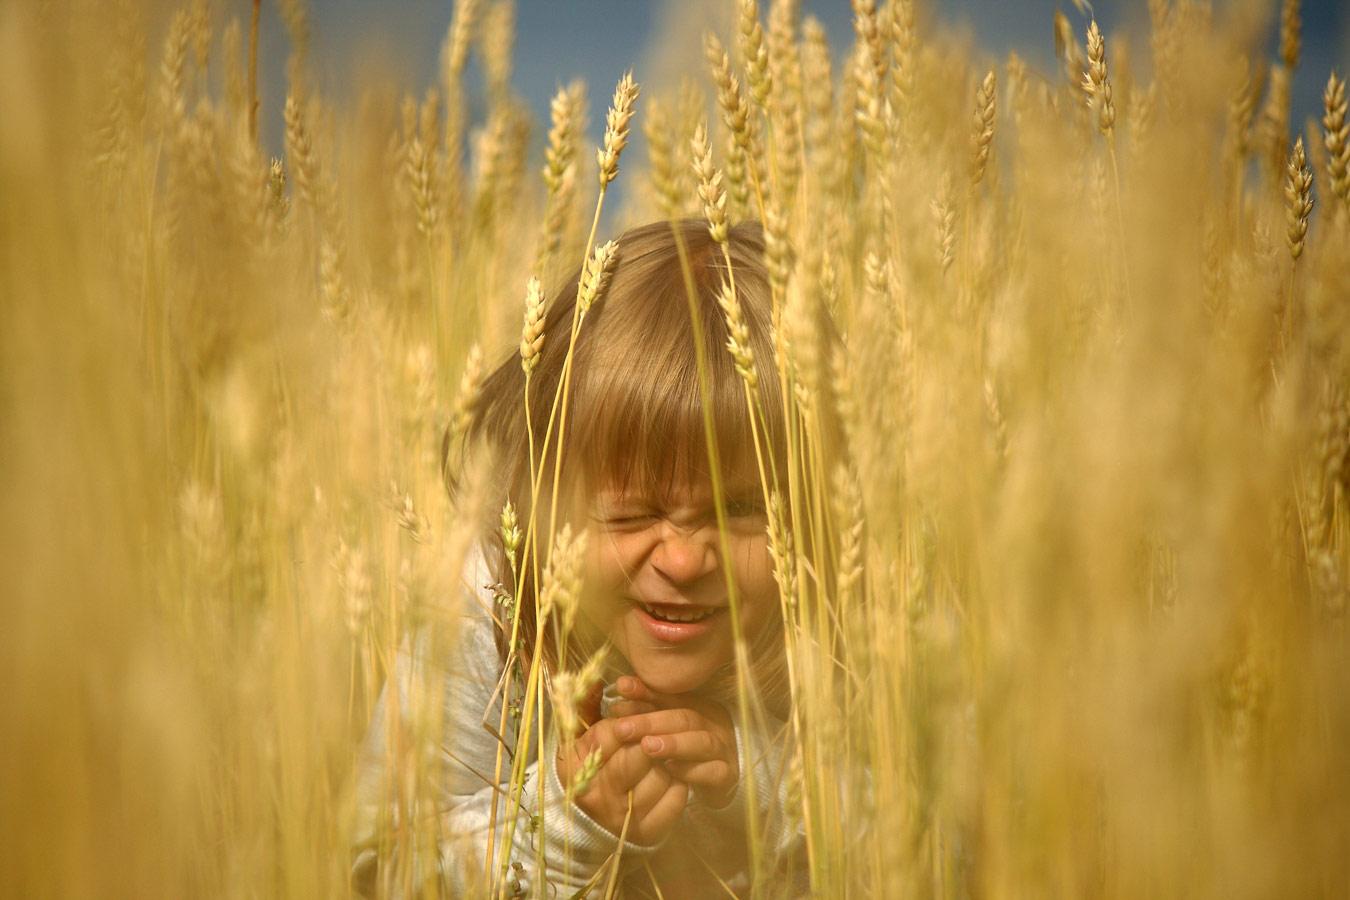 Игры в пшеничном поле, Омская область, © Анна Рыжкова, 2 место, Фотоконкурс «Русская цивилизация»